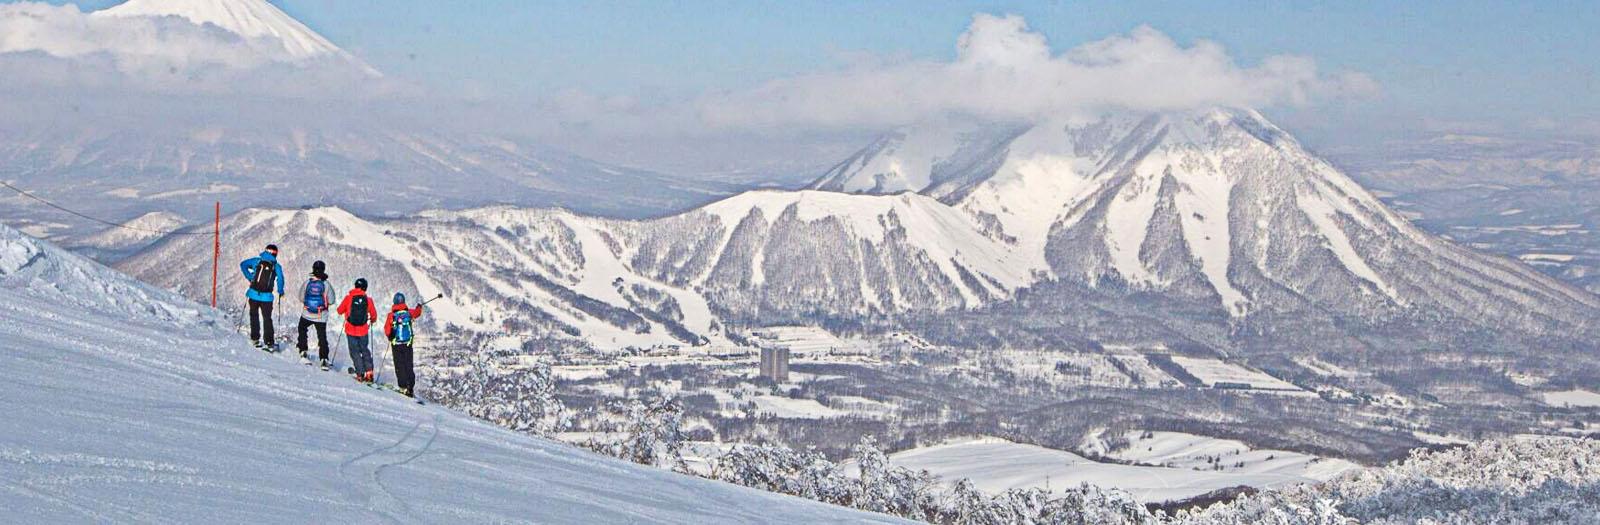 japan ski trip ski.com, guided ski vacation hokkaido, rusutsu ski trip, kiroro ski trip